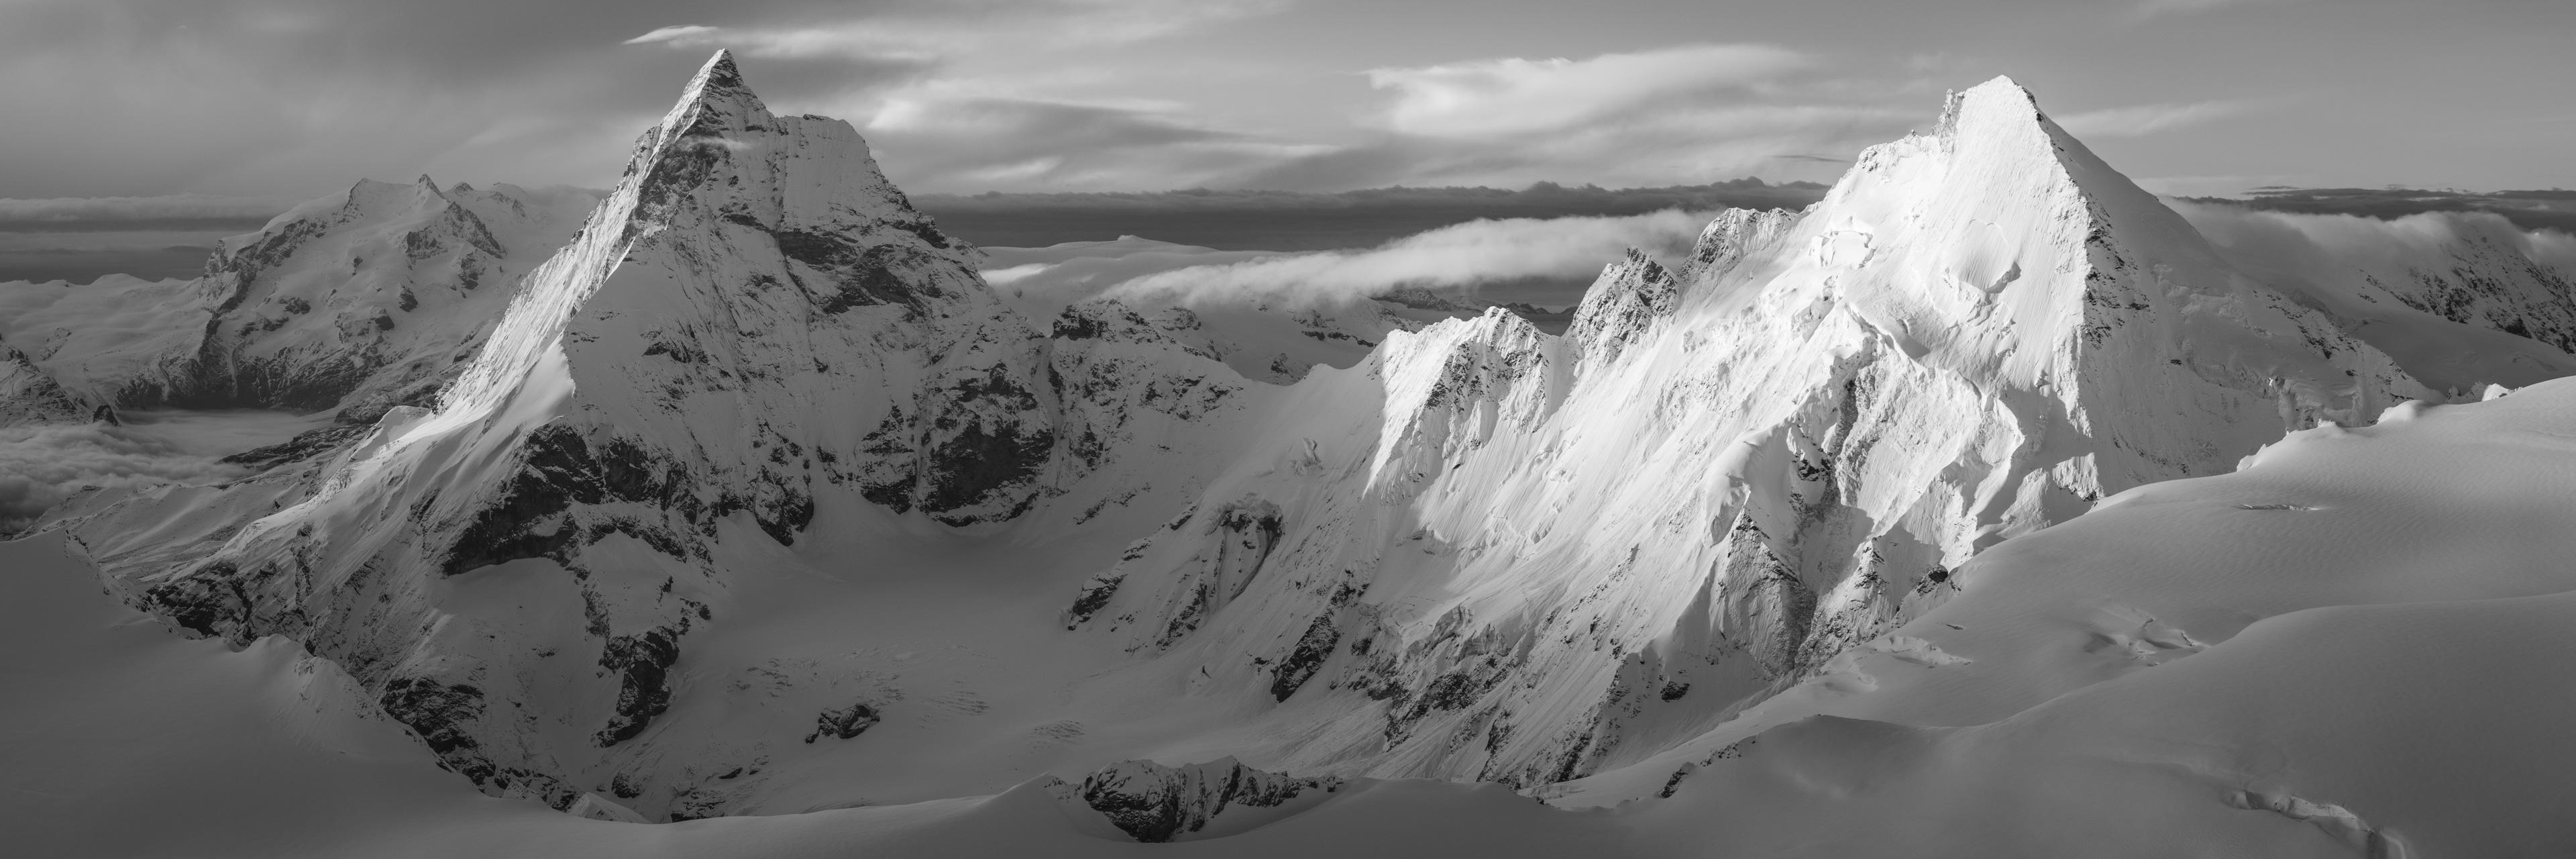 Image montagne hiver - Monte Rosa- Glaciers des alpes noir et blanc